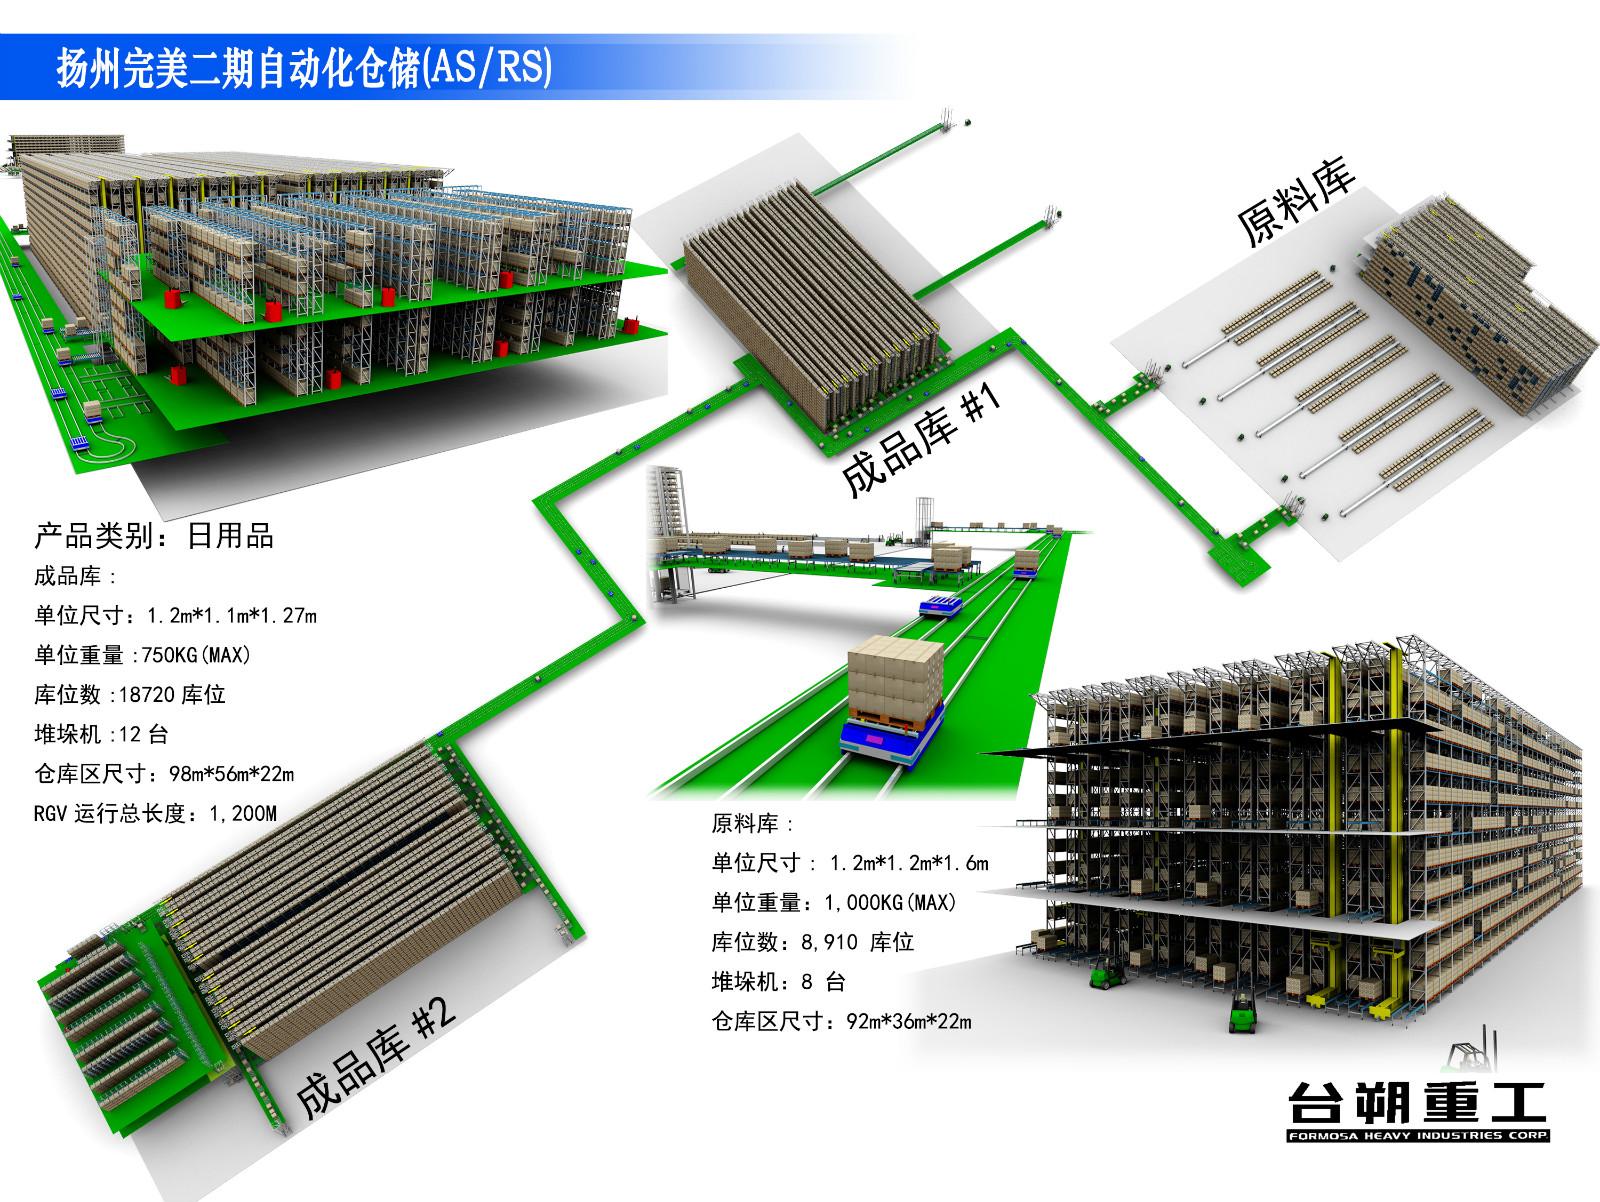 扬州完美二期自动化仓储(AS/RS)